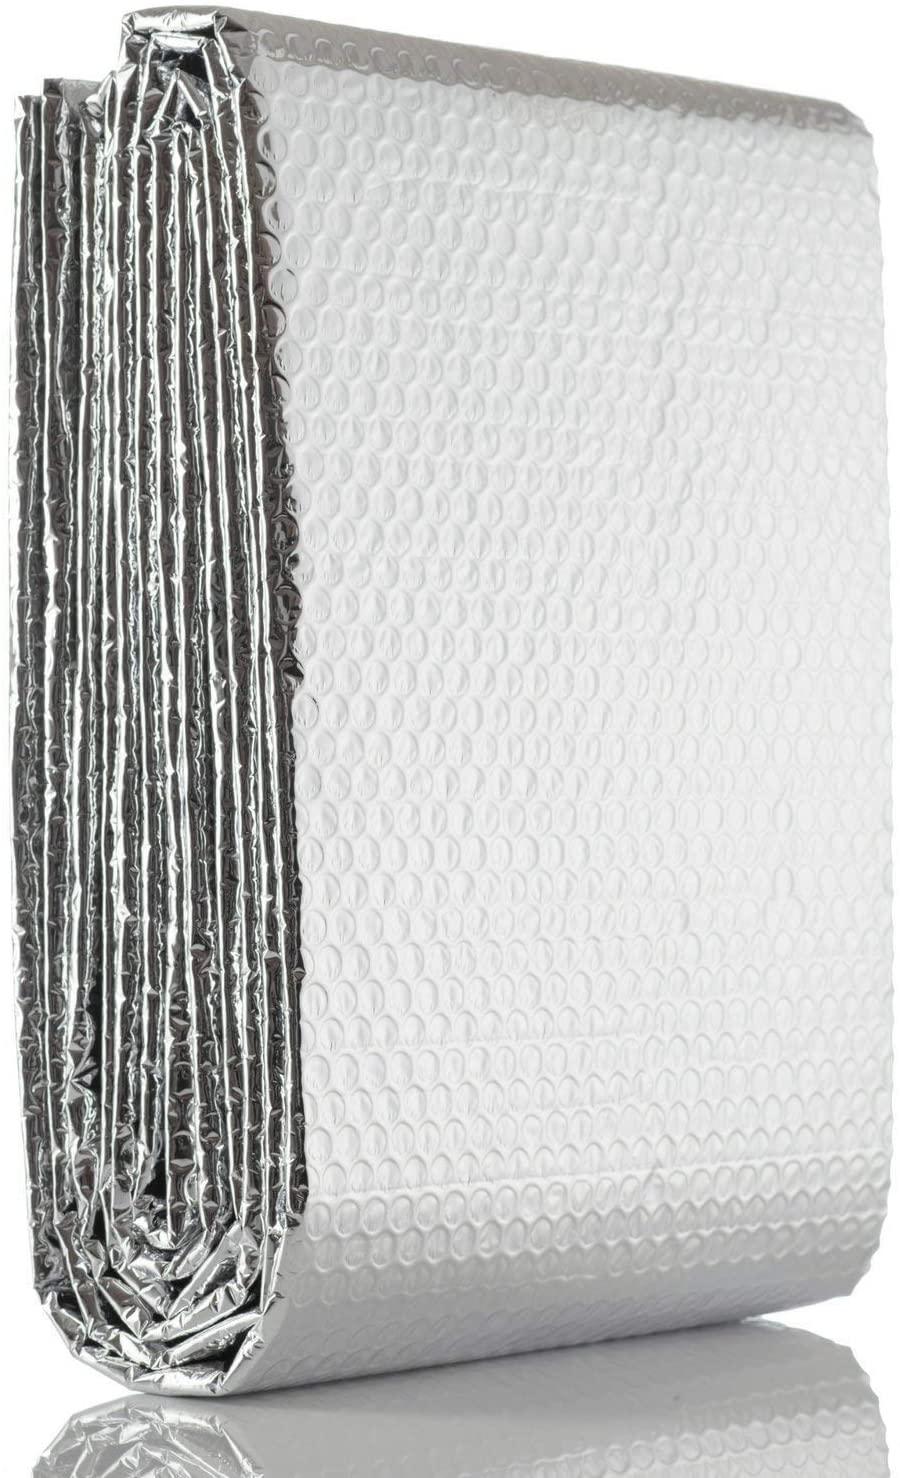 esempio di pannello isolante per radiatori